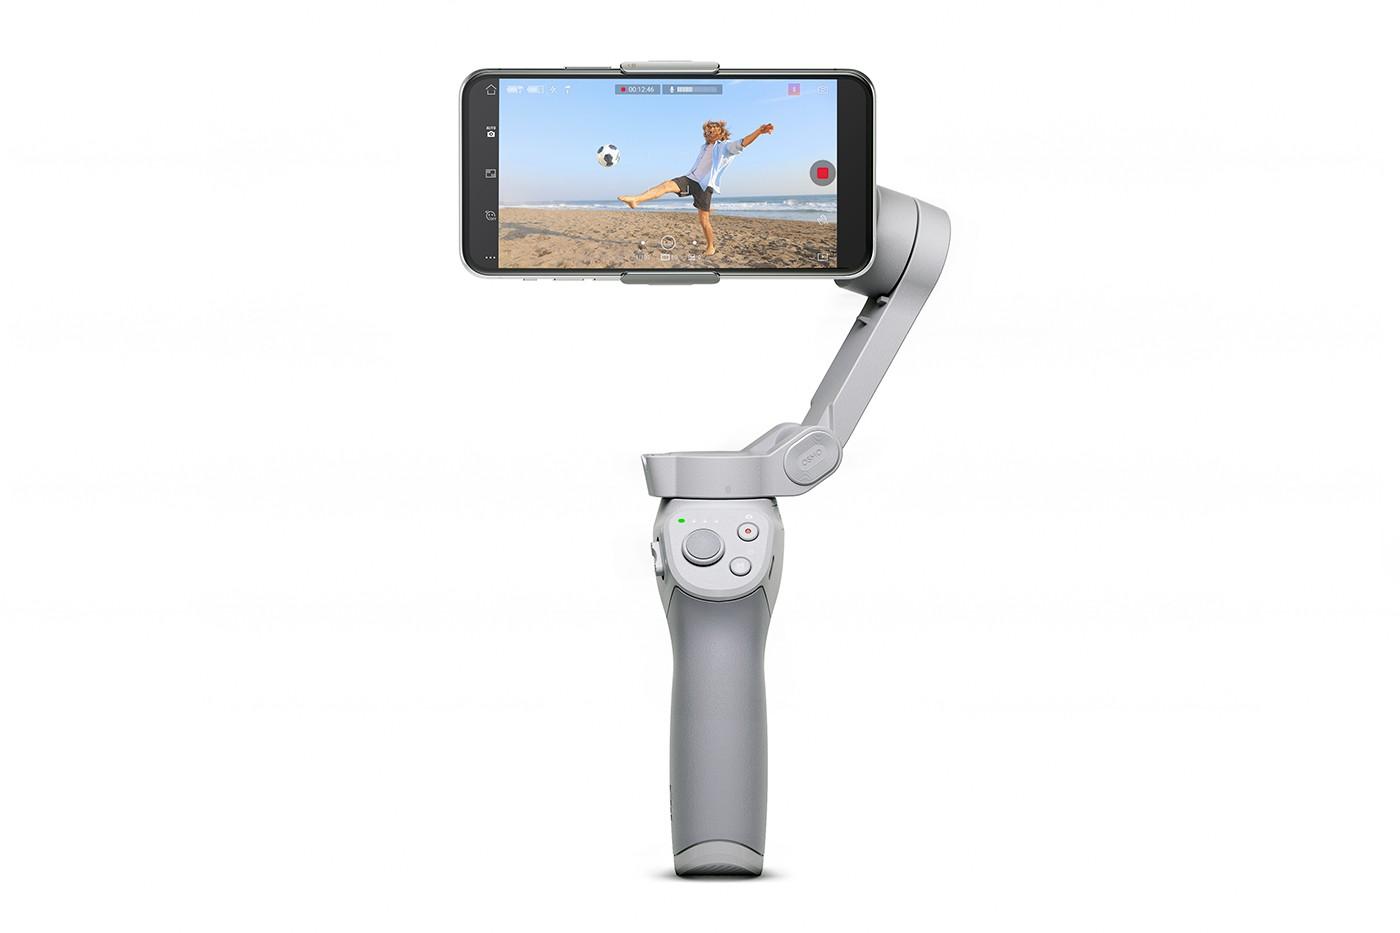 大疆 DJI OM 4智能手机稳定器可捕捉重要时刻